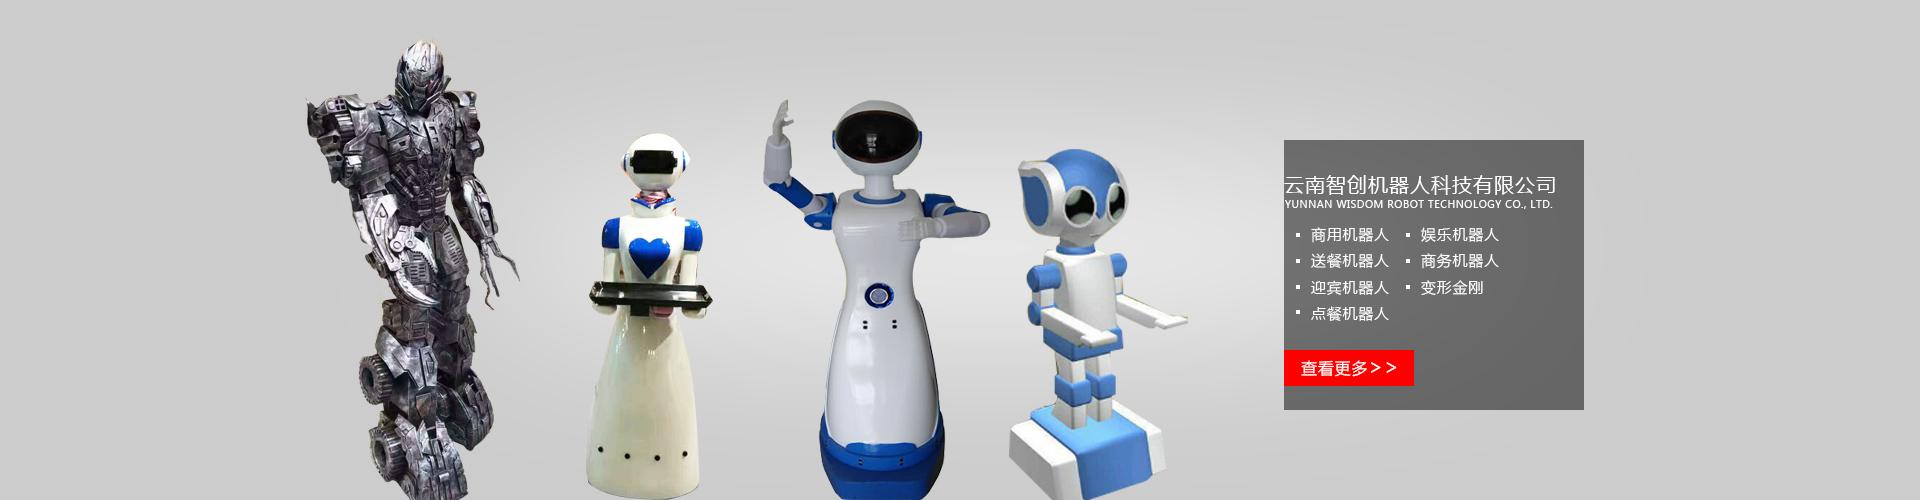 昆明机器人出租